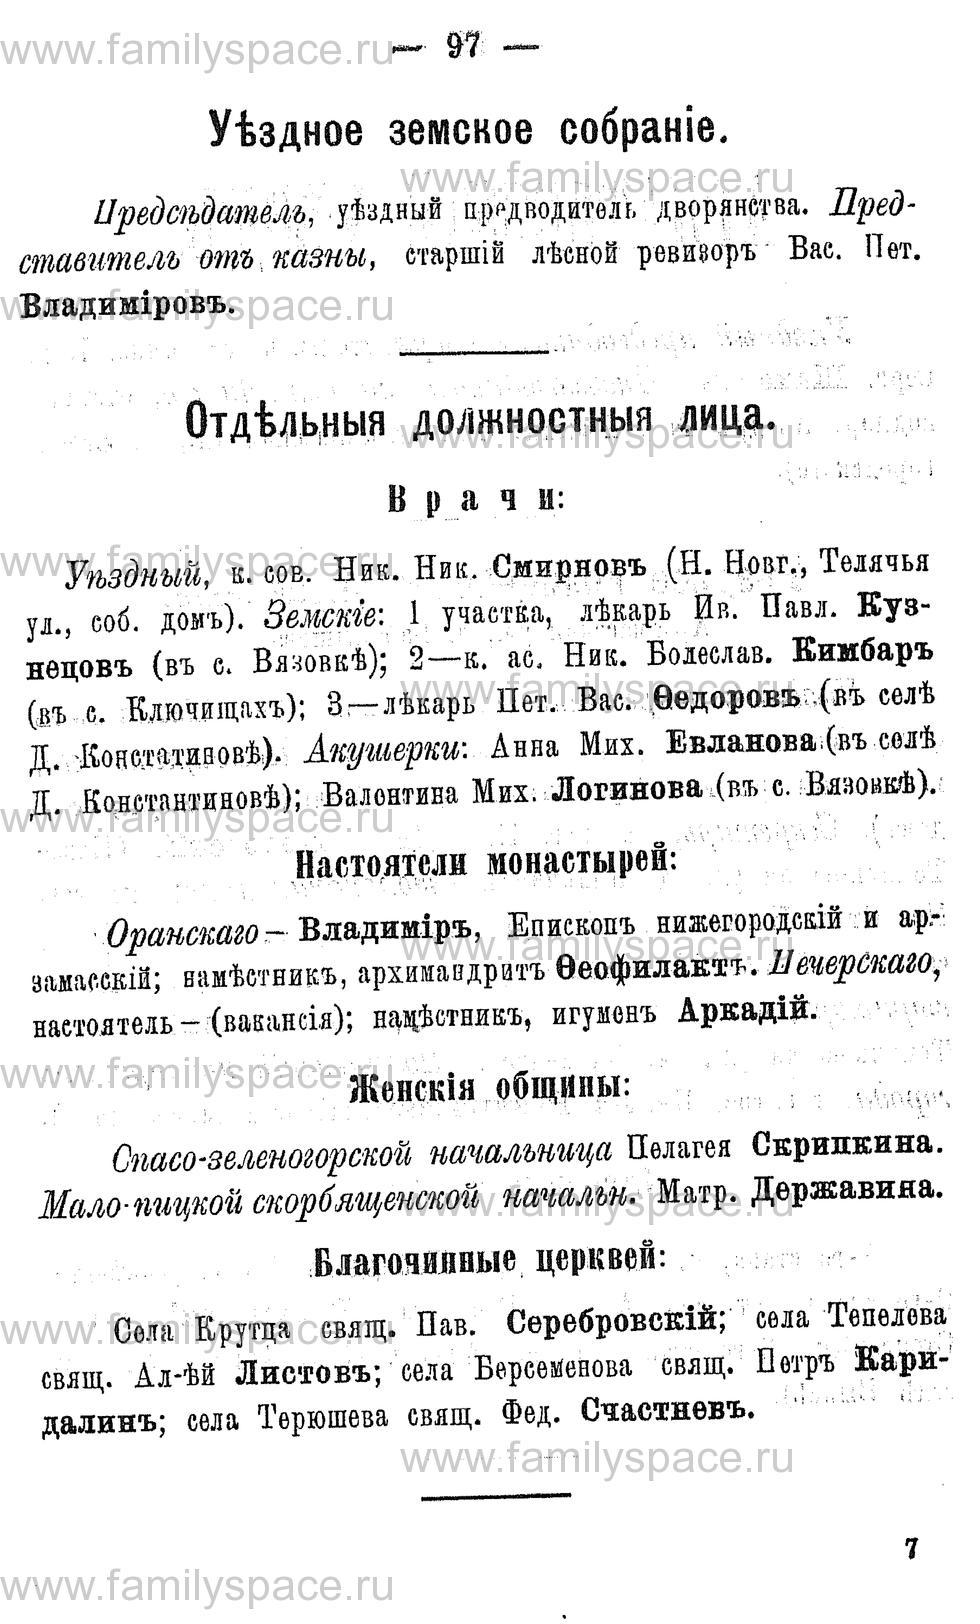 Поиск по фамилии - Адрес-календарь Нижегородской губернии на 1891 год, страница 97